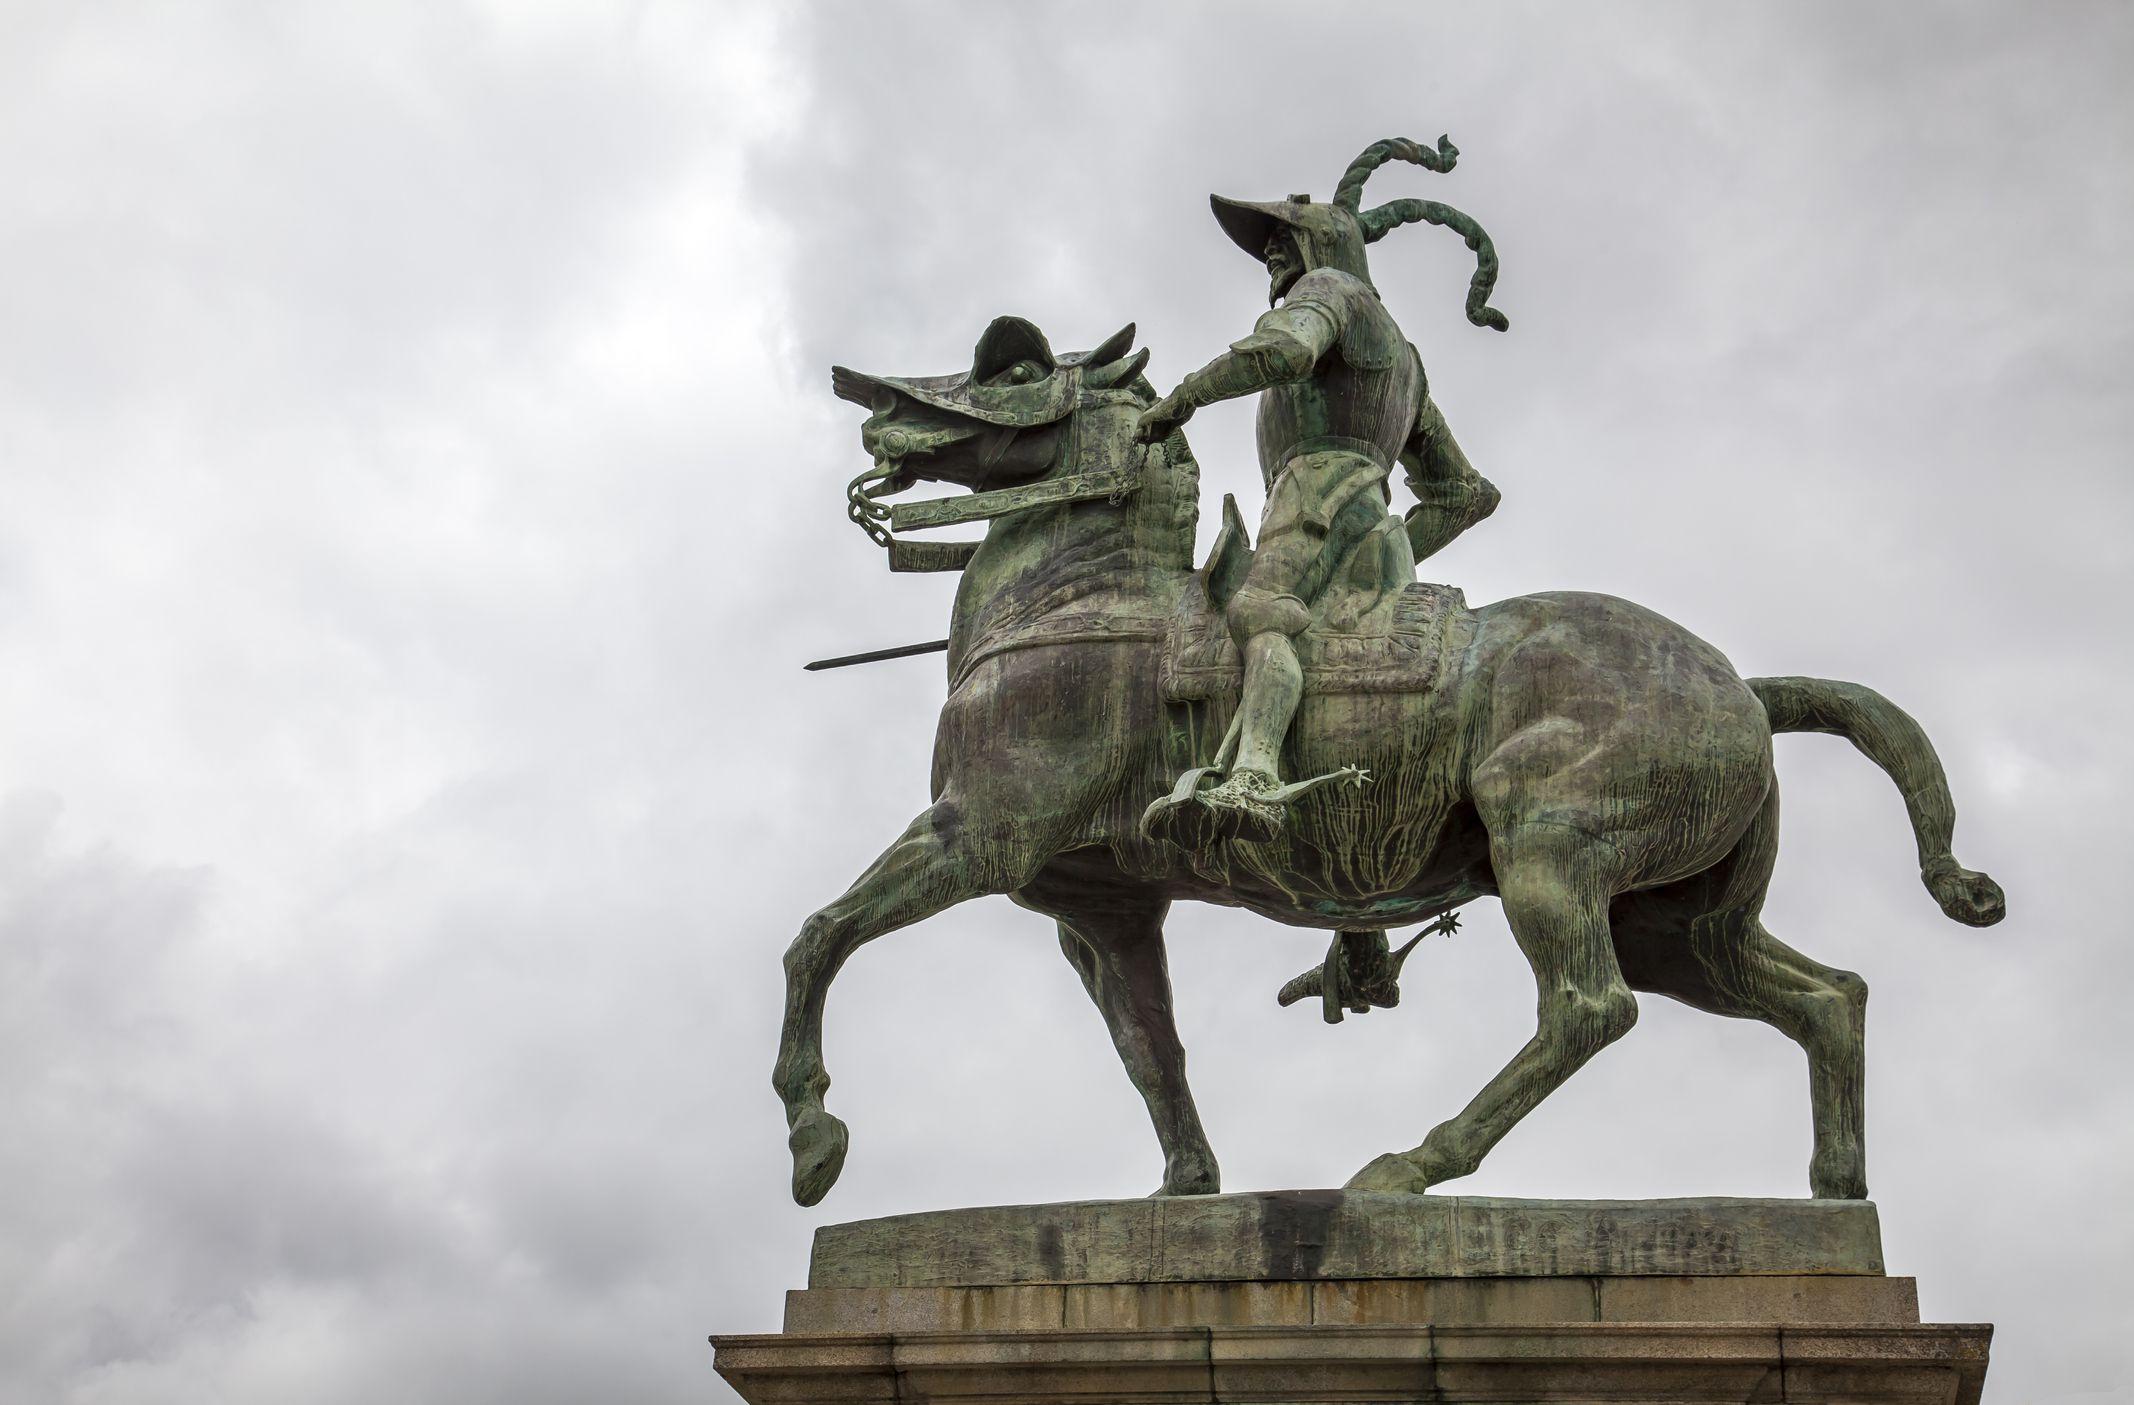 spanish conquistador francisco pizarro life and legacy